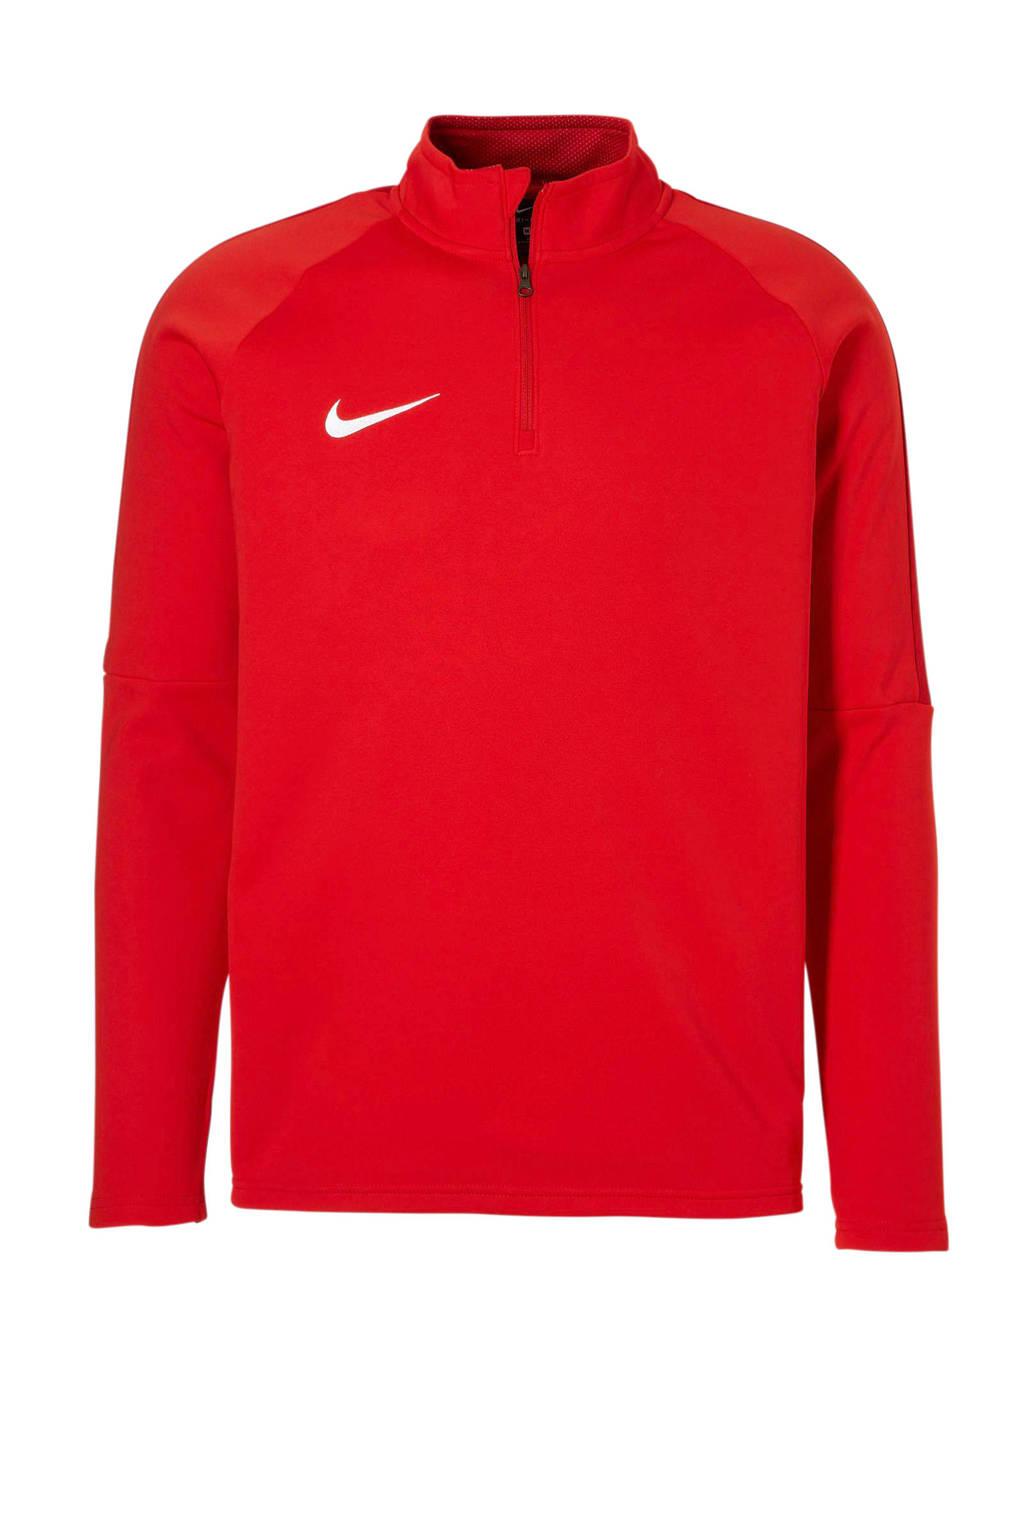 Nike   sportshirt rood, Rood